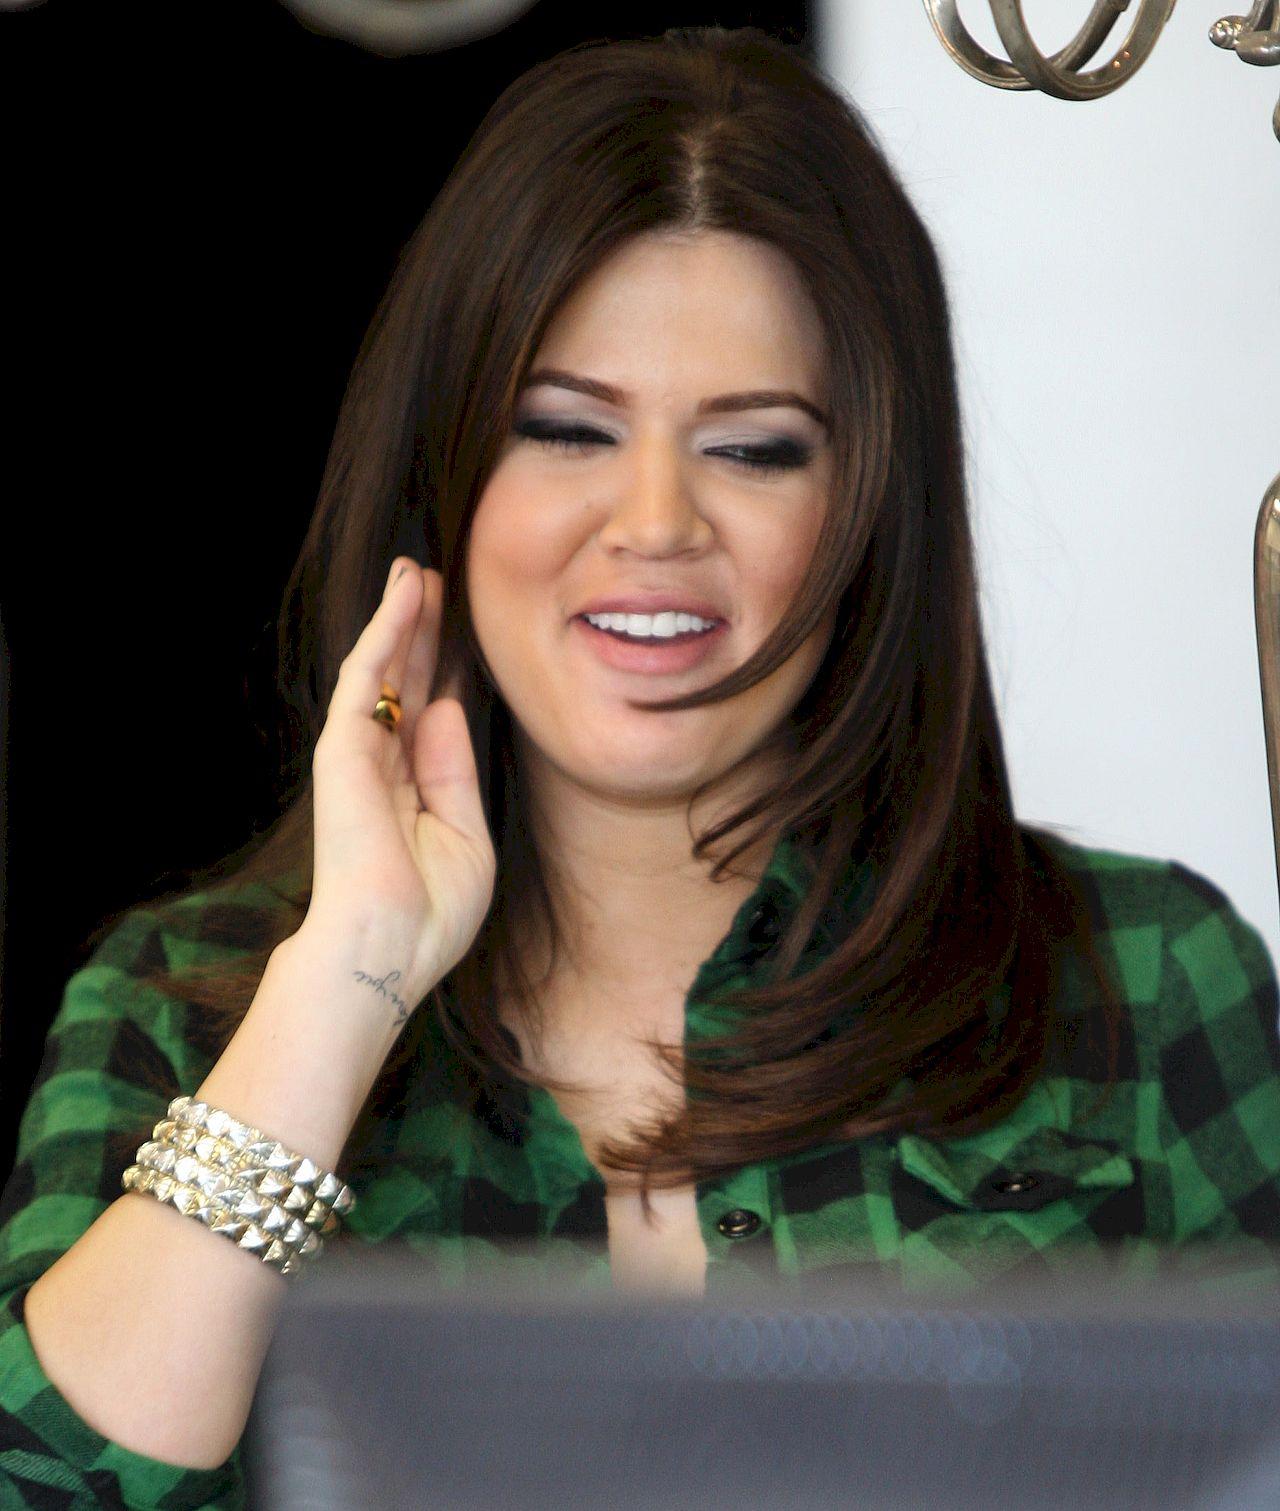 Tak wyglądała Khloe Kardashian na początku kariery.